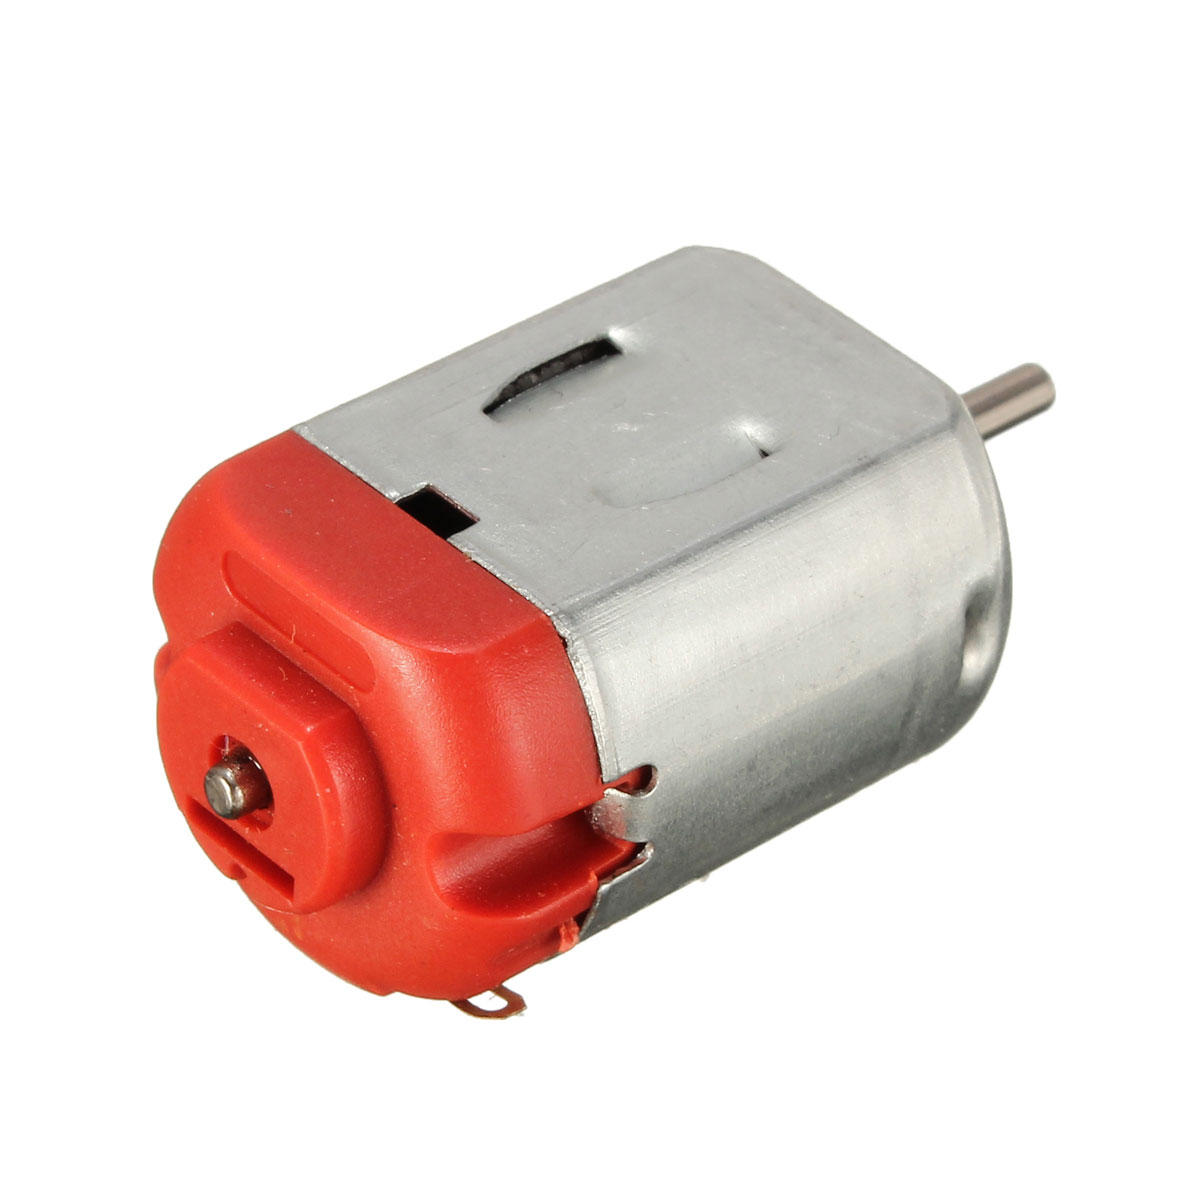 3PCS R130 Moteur Type 130 Hobby Micro Moteurs 8000 RPM 3-6 V DC 0.35-0.4A